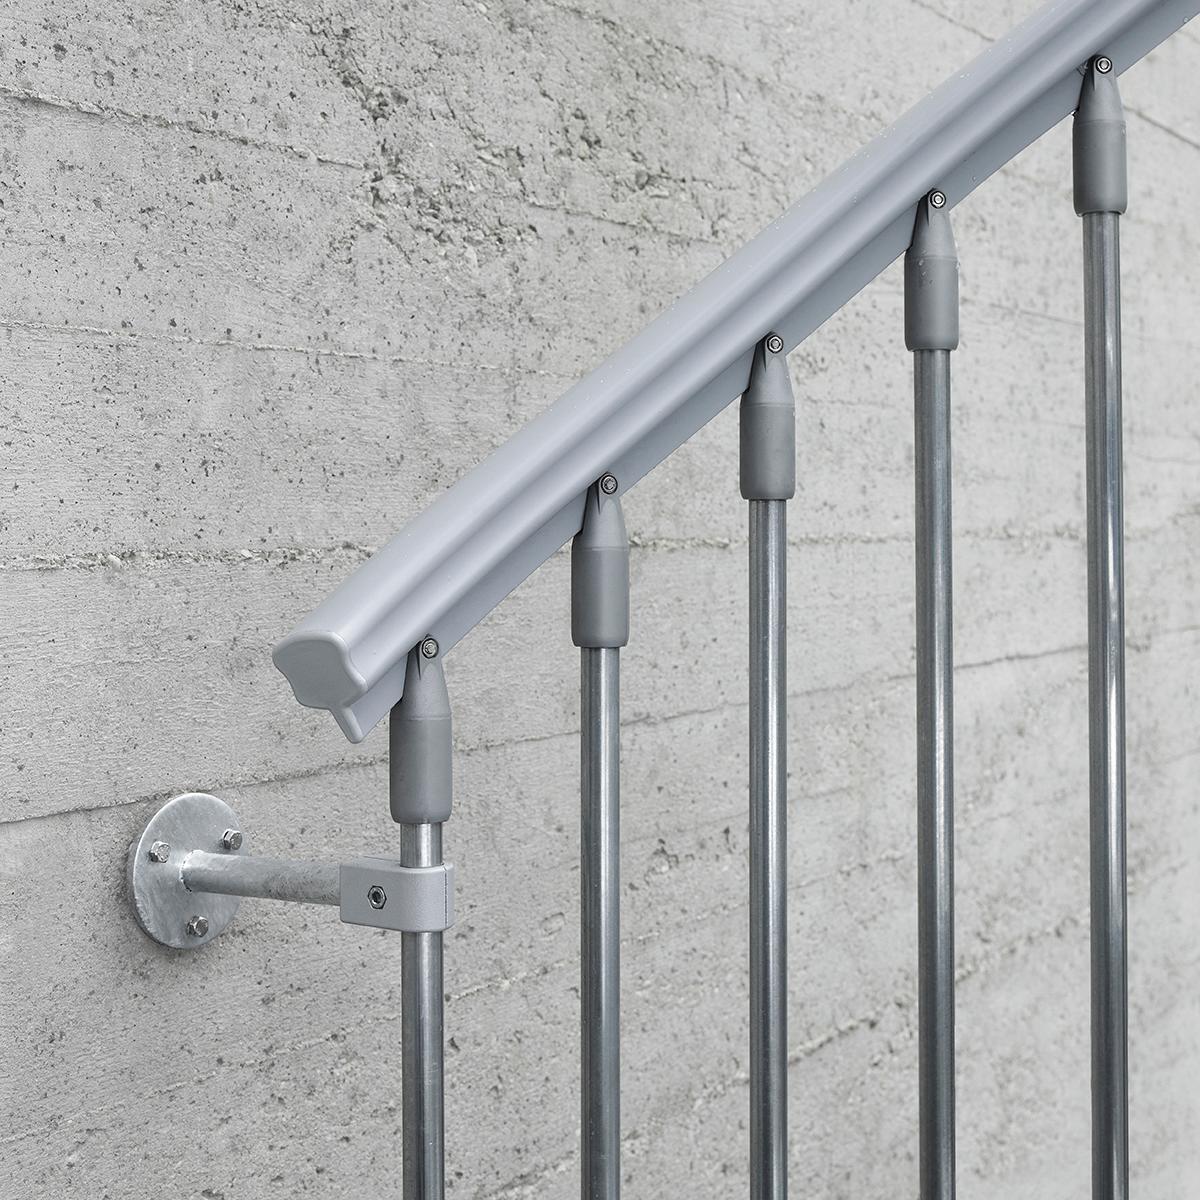 Scala a chiocciola tonda Steel Zink FONTANOT L 160 cm, gradino grigio zincato, struttura grigio zincato - 6